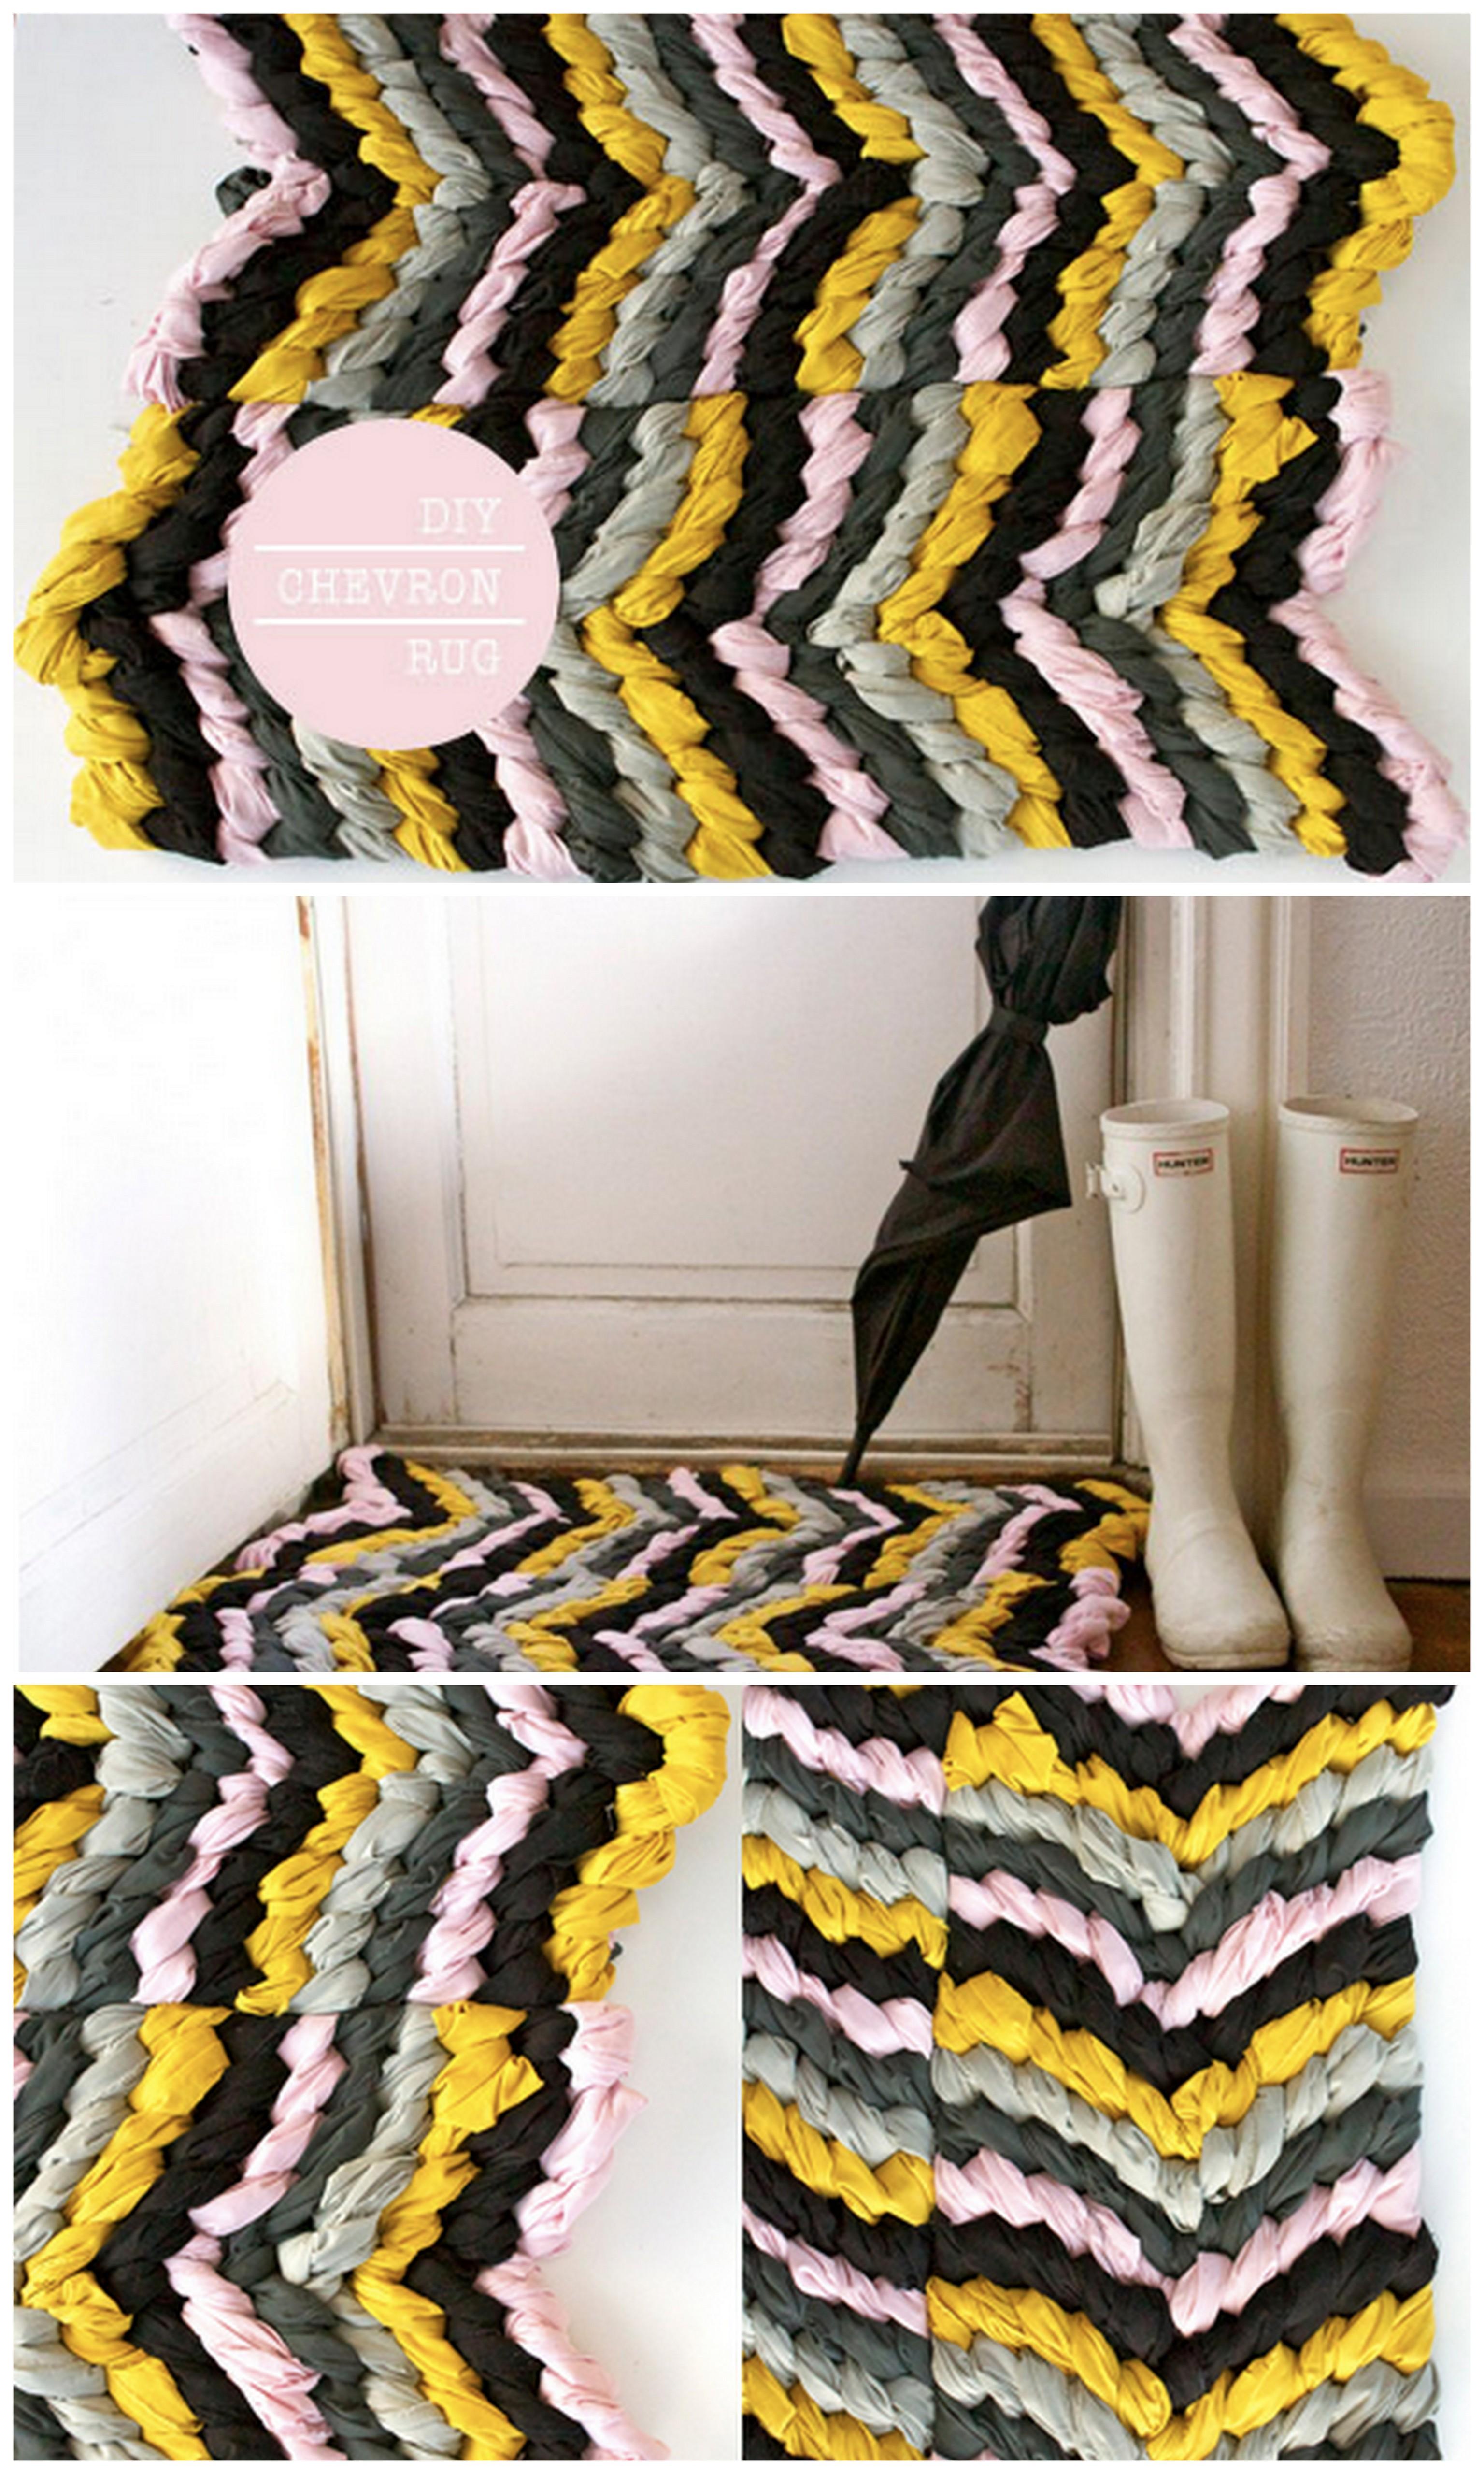 DIY braided chevron rug